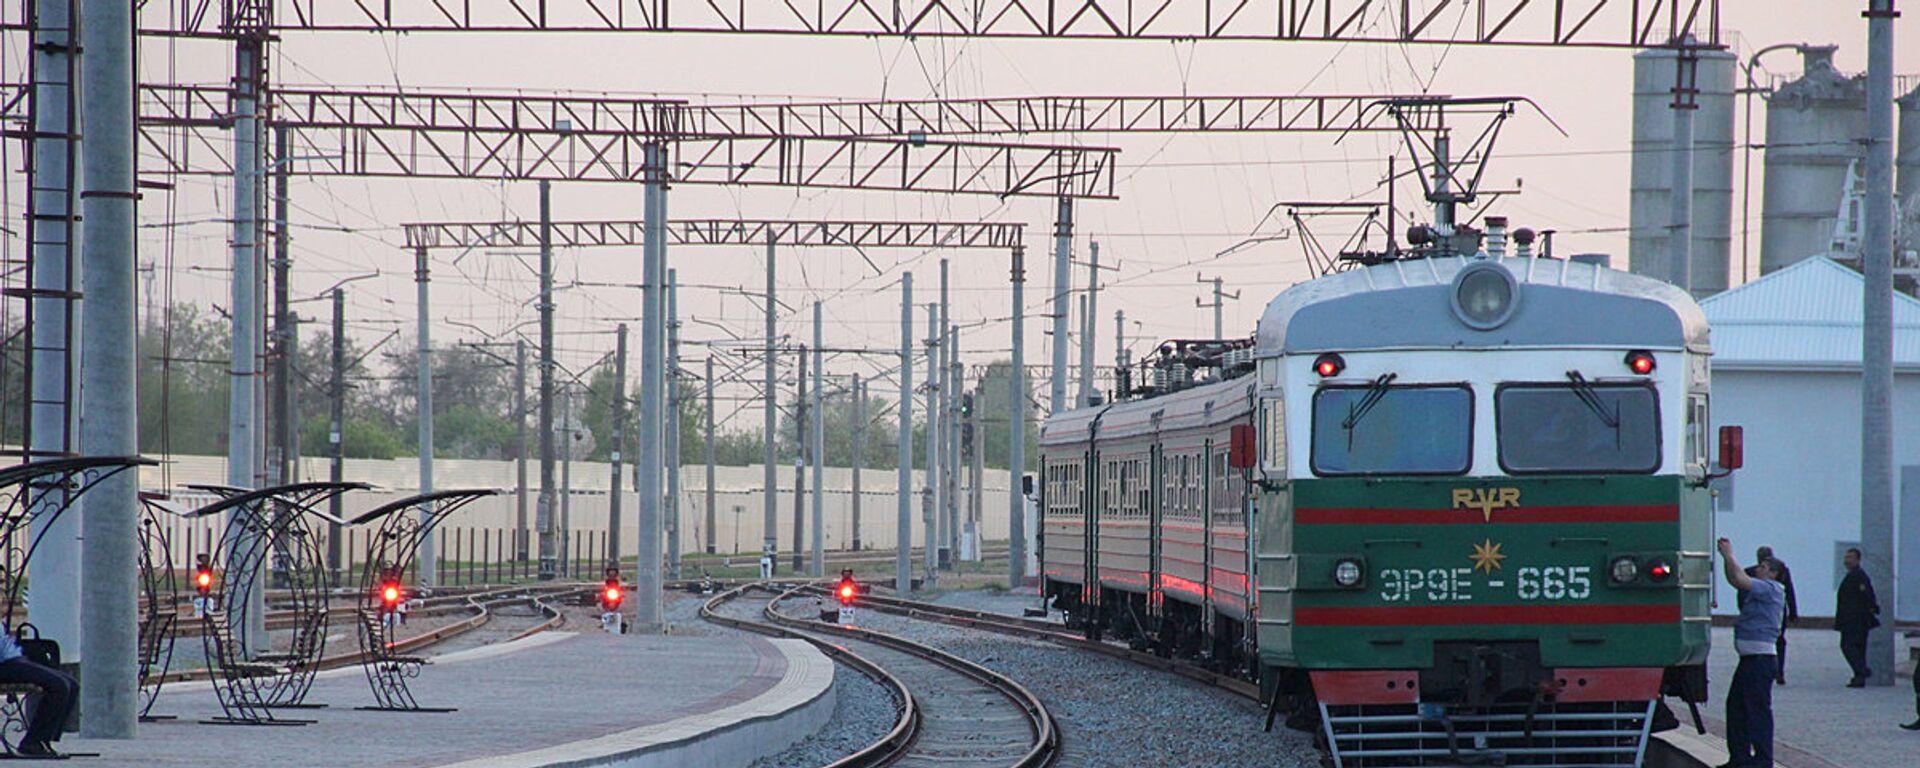 Обсуждены аспекты строительства, финансирования и протяженность железной дороги - Sputnik Узбекистан, 1920, 16.07.2020